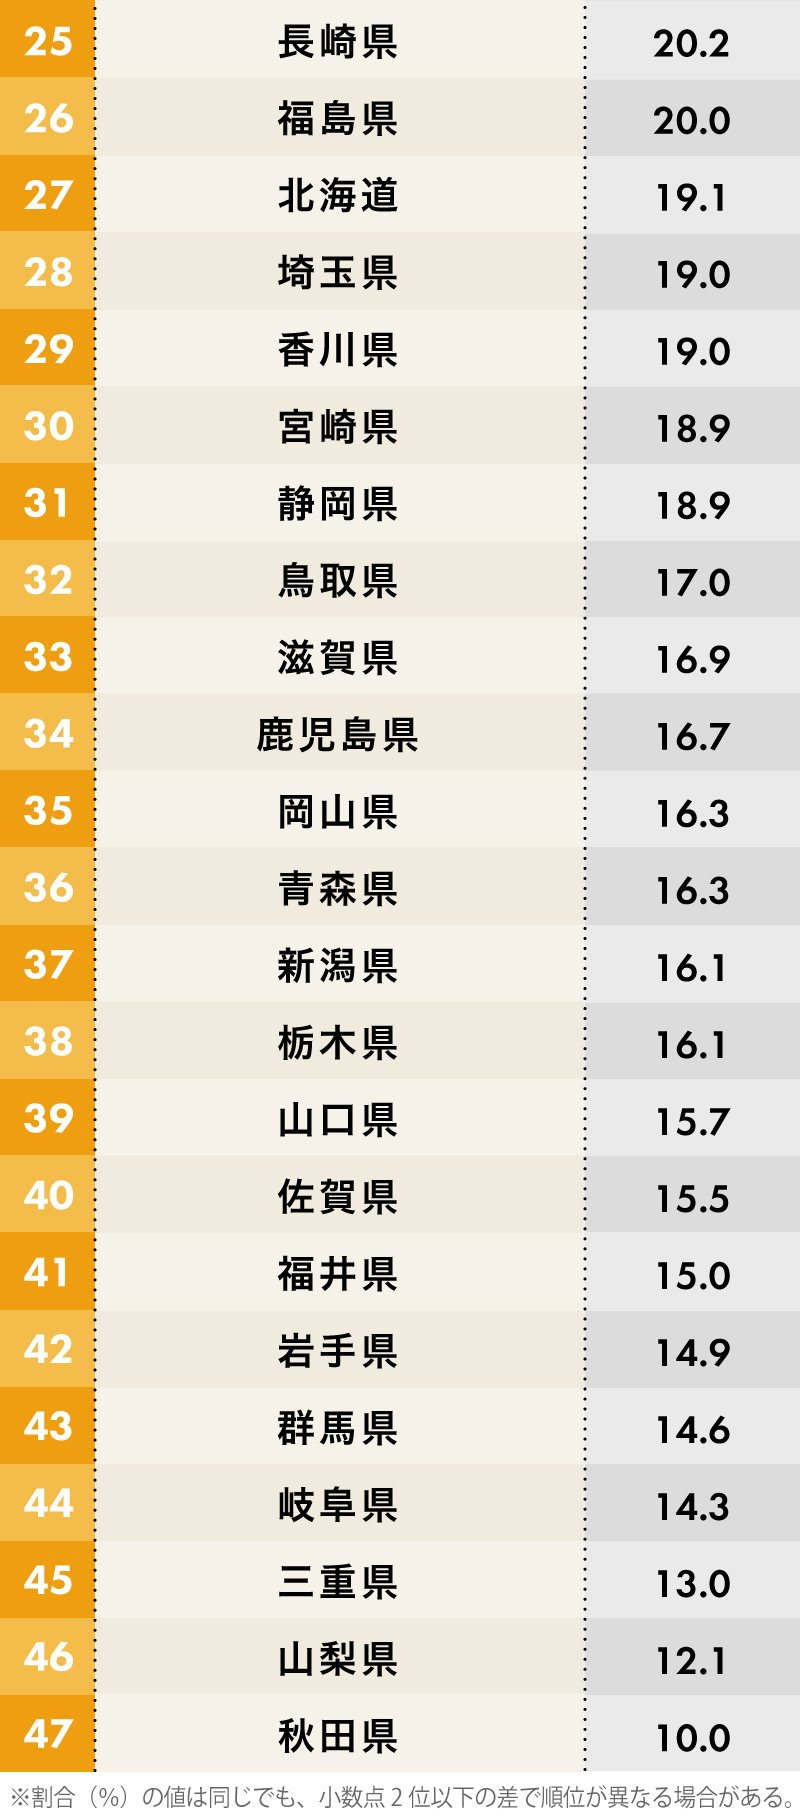 出身者の移住意欲度が高い都道府県ランキング25位~47位